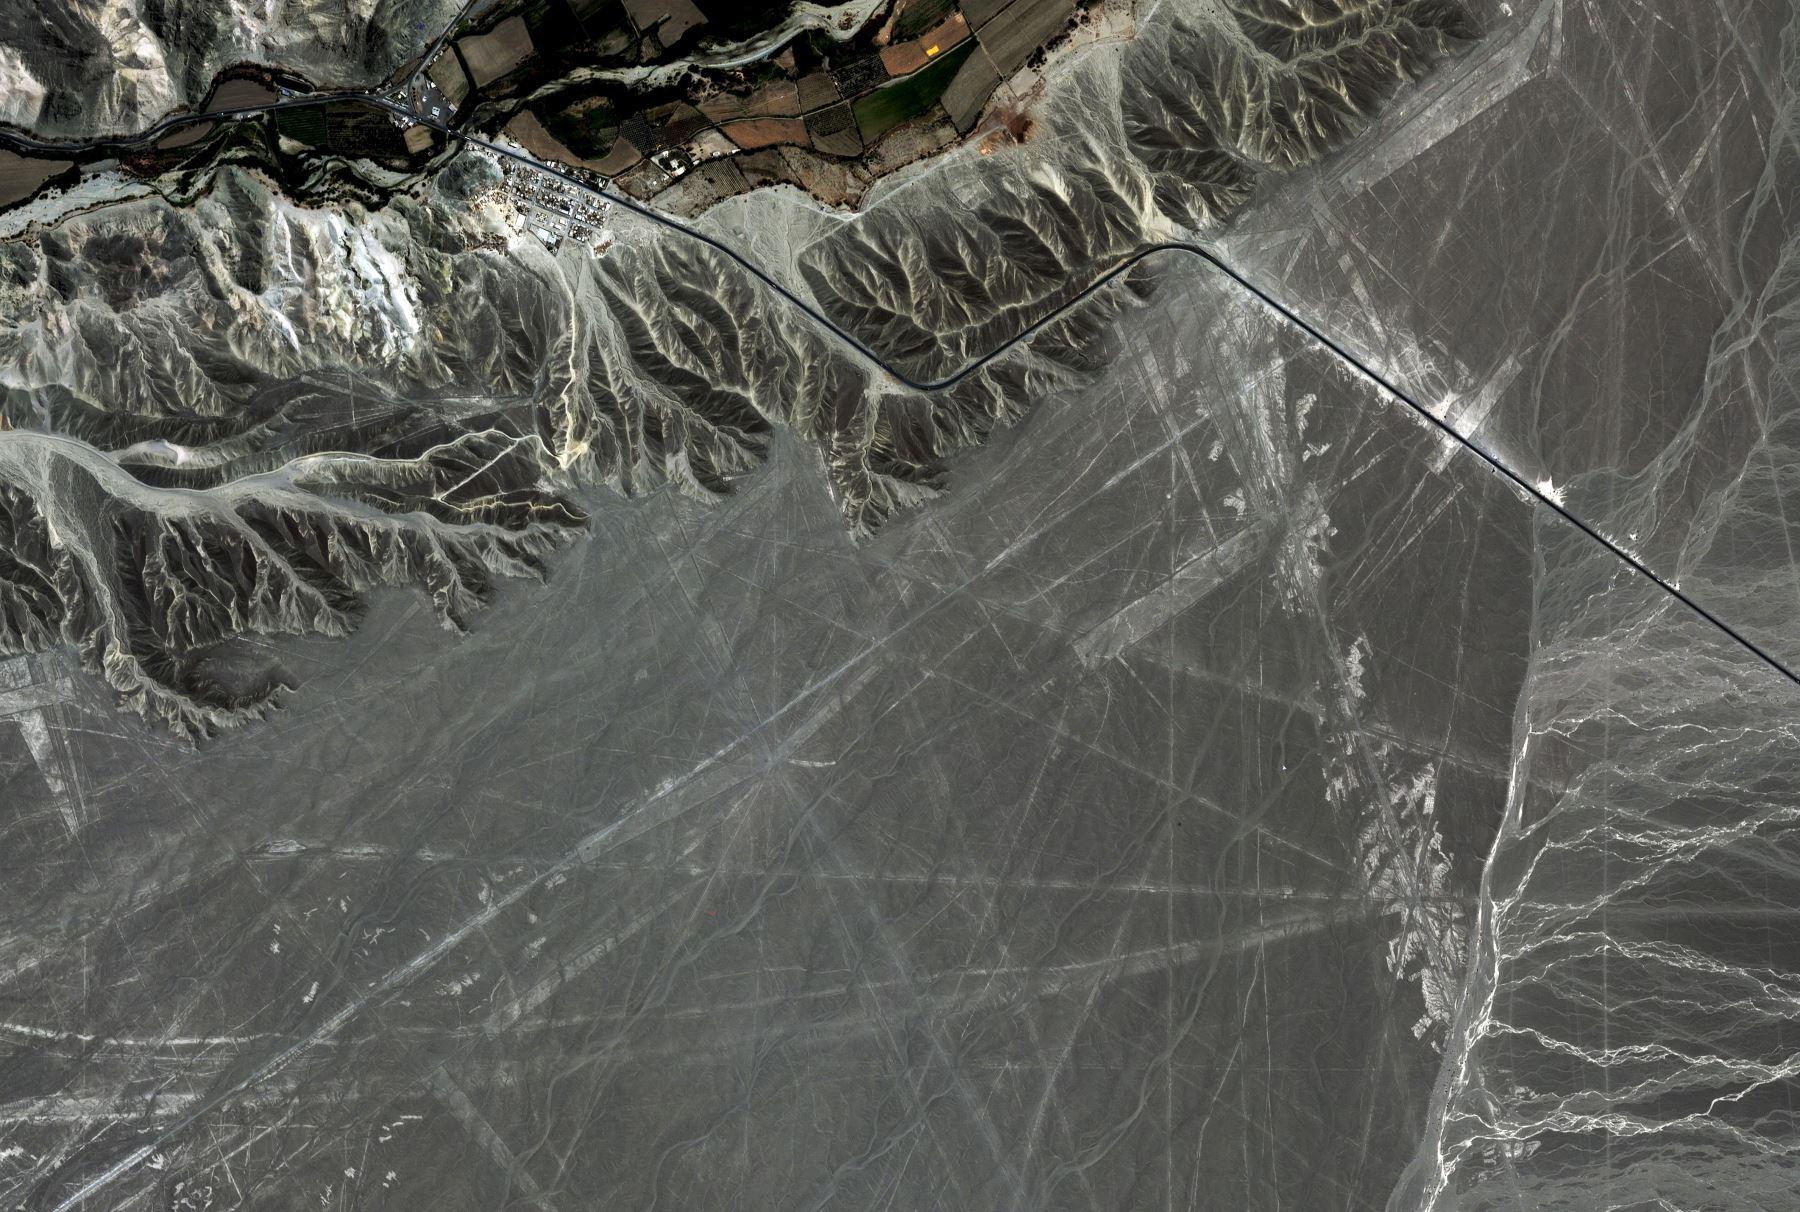 Perùsat - Premières images - First images - Nasca lines - géoglyphes de Nazca Perùsat - PeruSAT-1 - First image - satellite péruvien - CONIDA